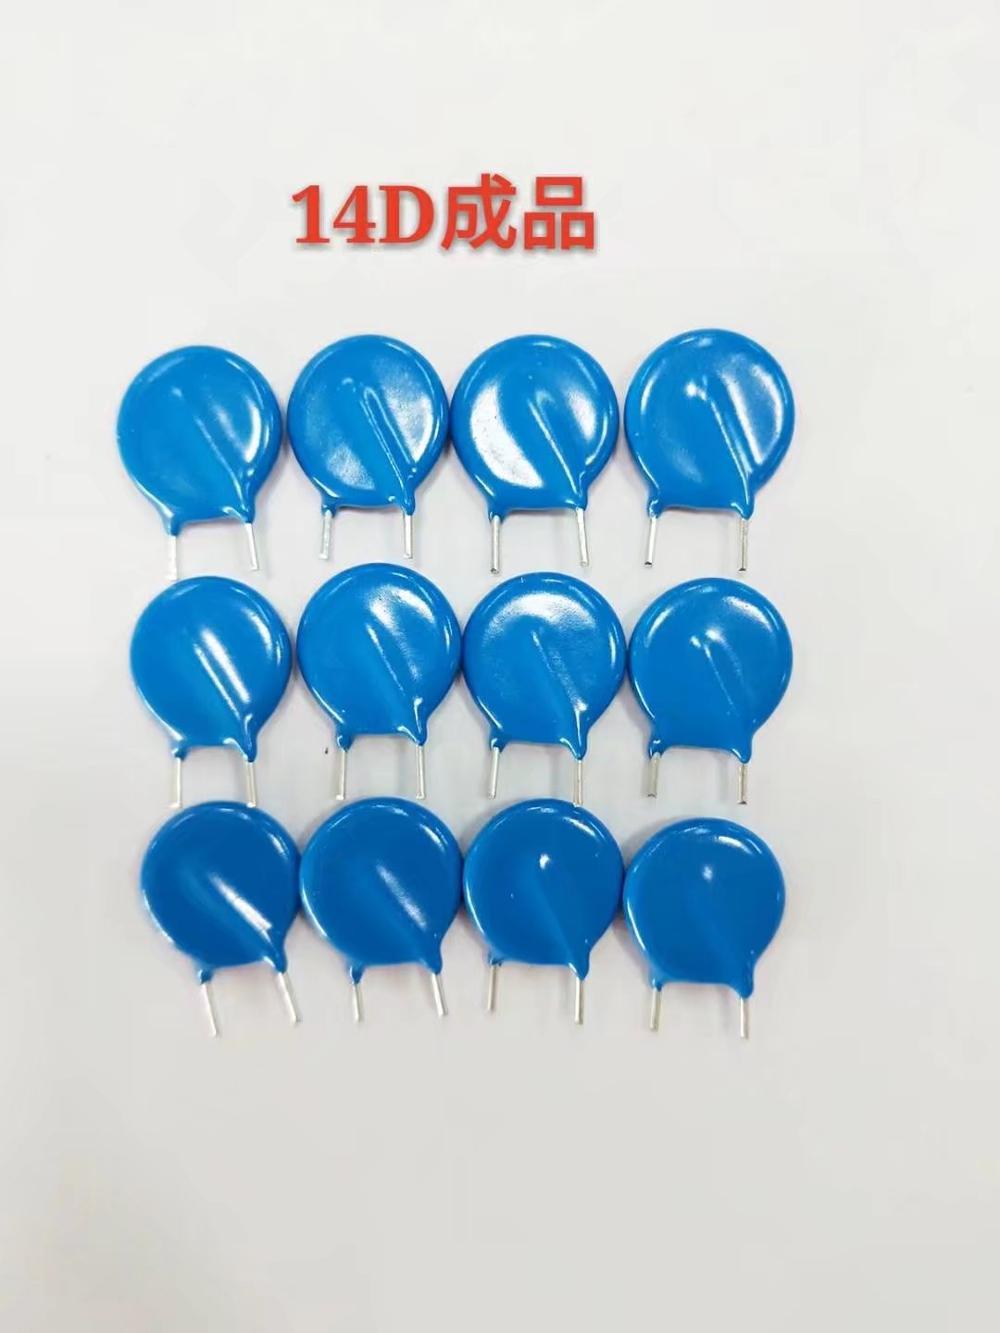 100 pieces Varistors 6VDC 25A W//EMI VARISTOR